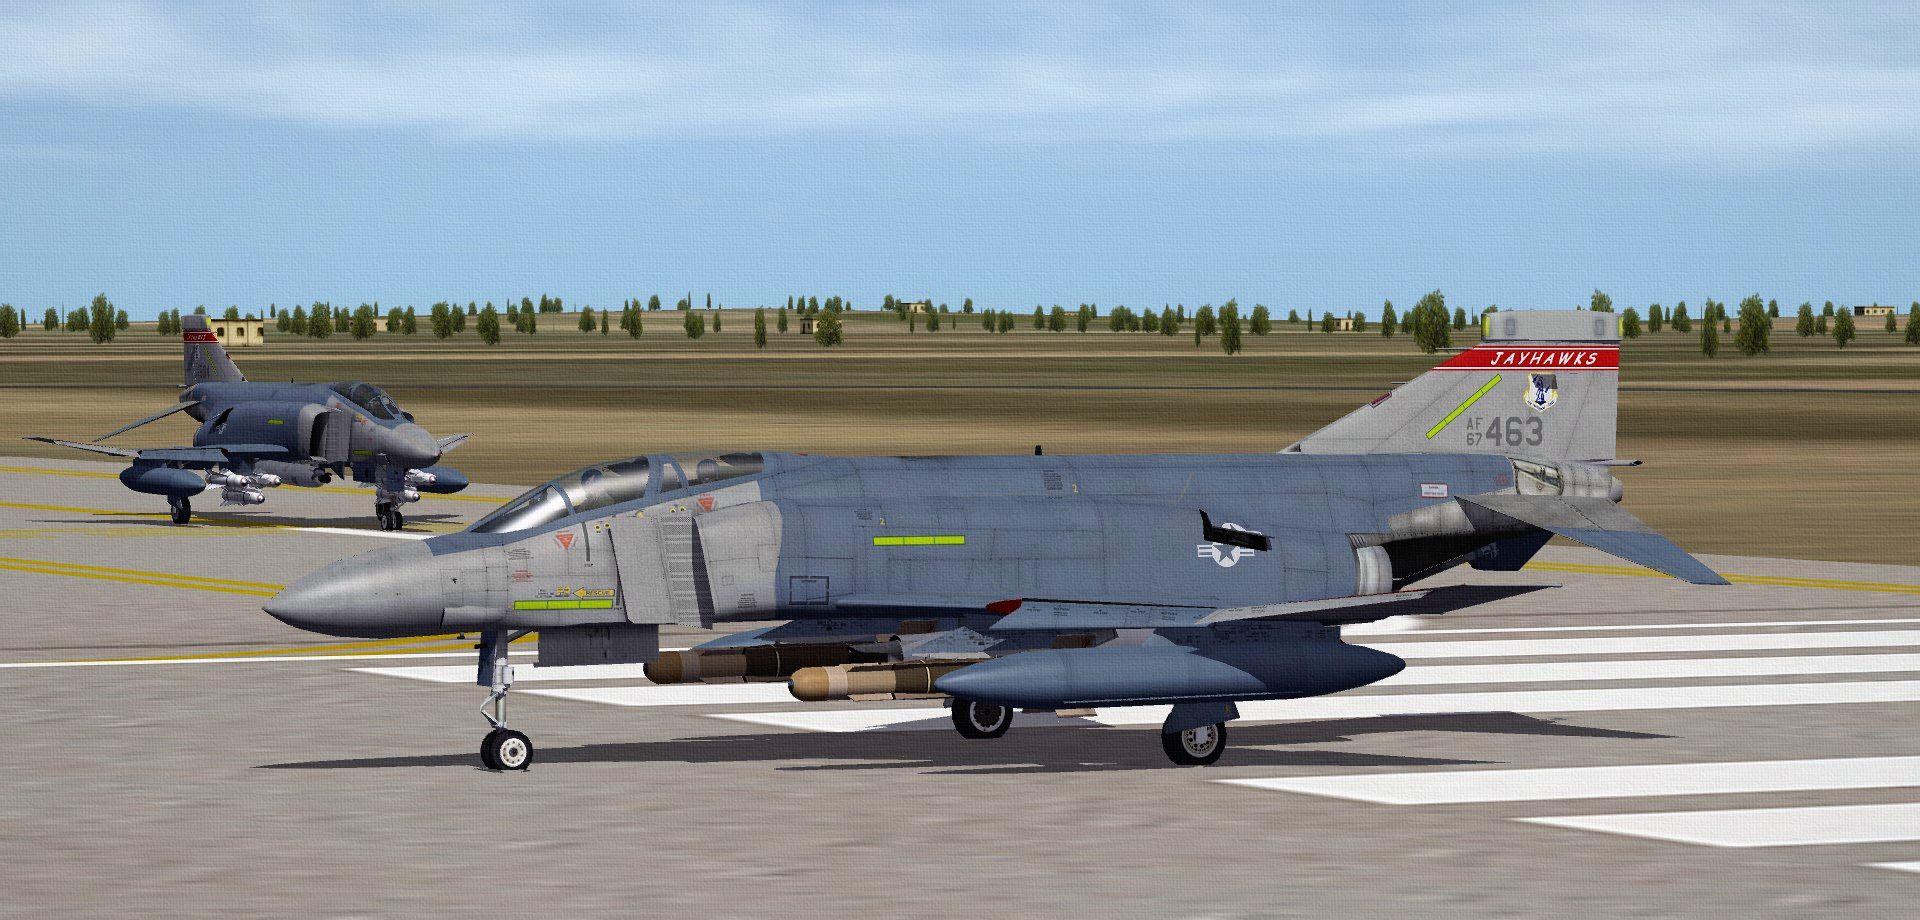 USAFF-4MPHANTOM07_zps8803d07a.jpg